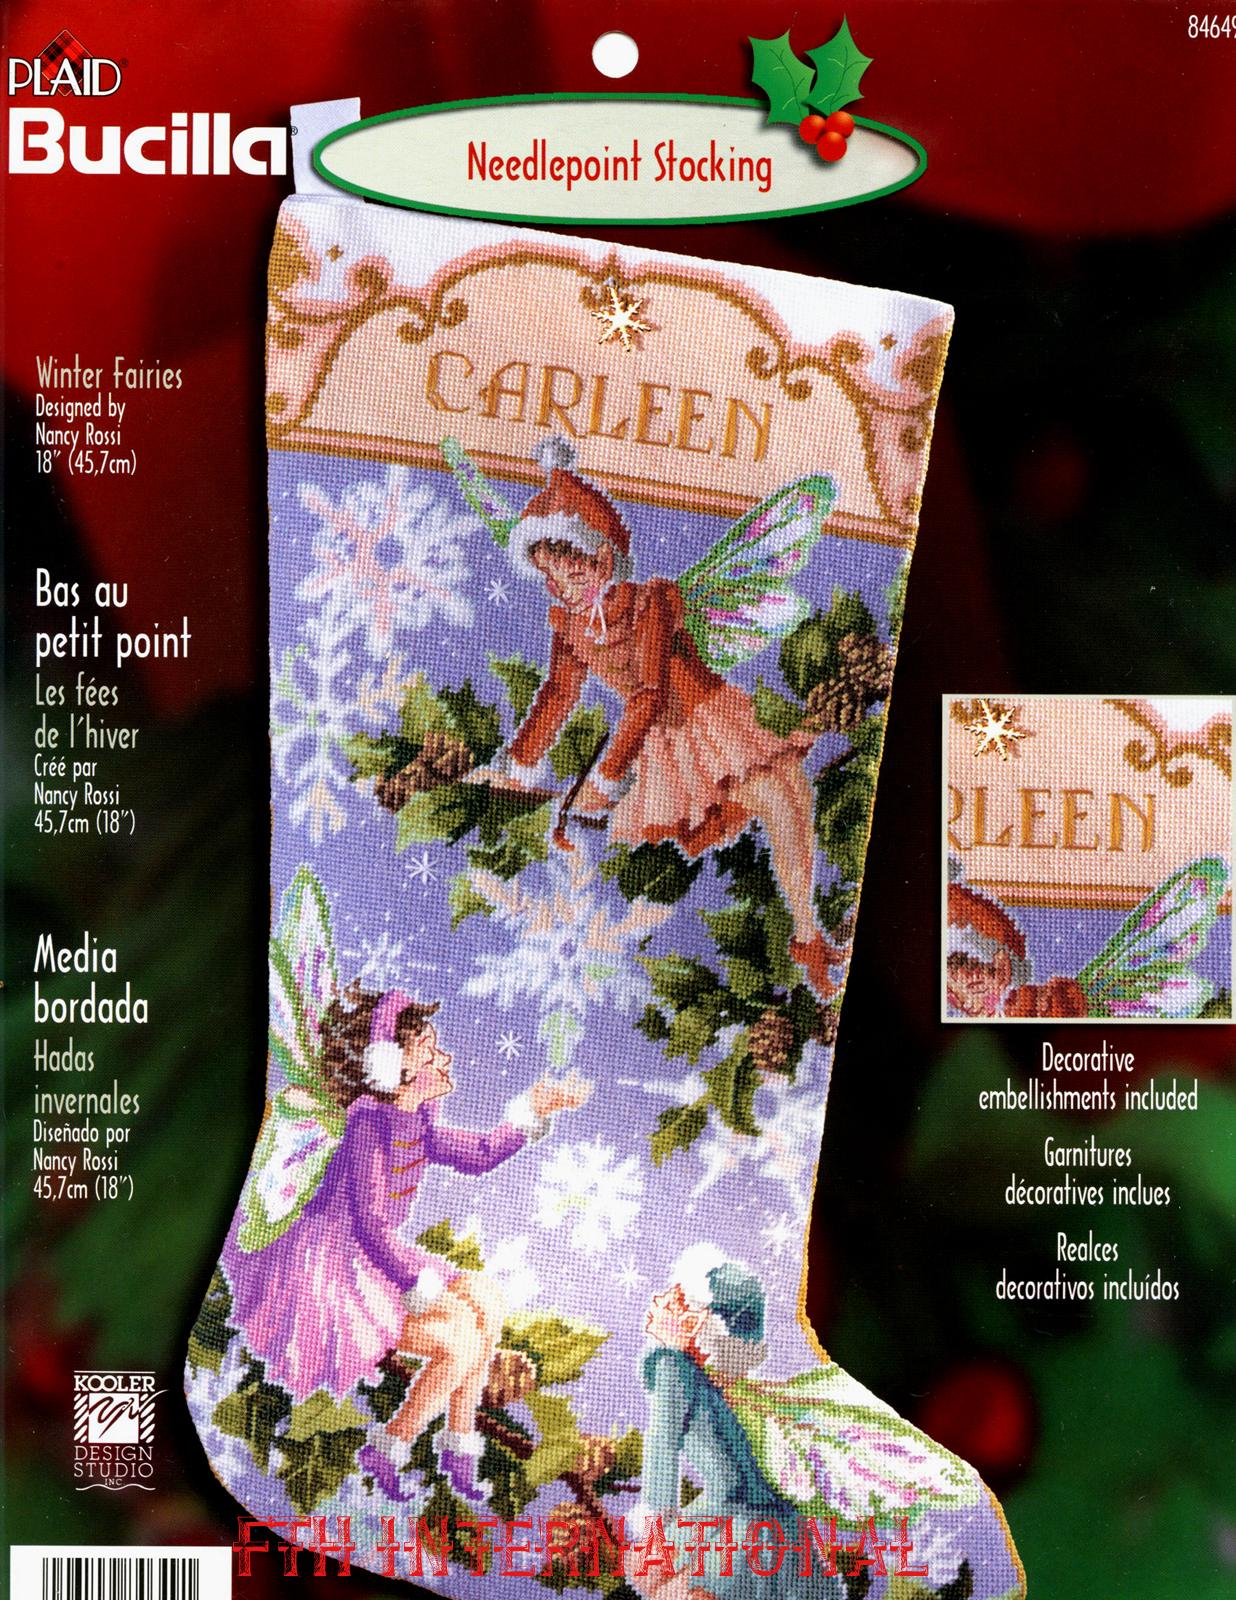 Winter Fairies 18″ Bucilla Needlepoint Christmas Stocking Kit #84649